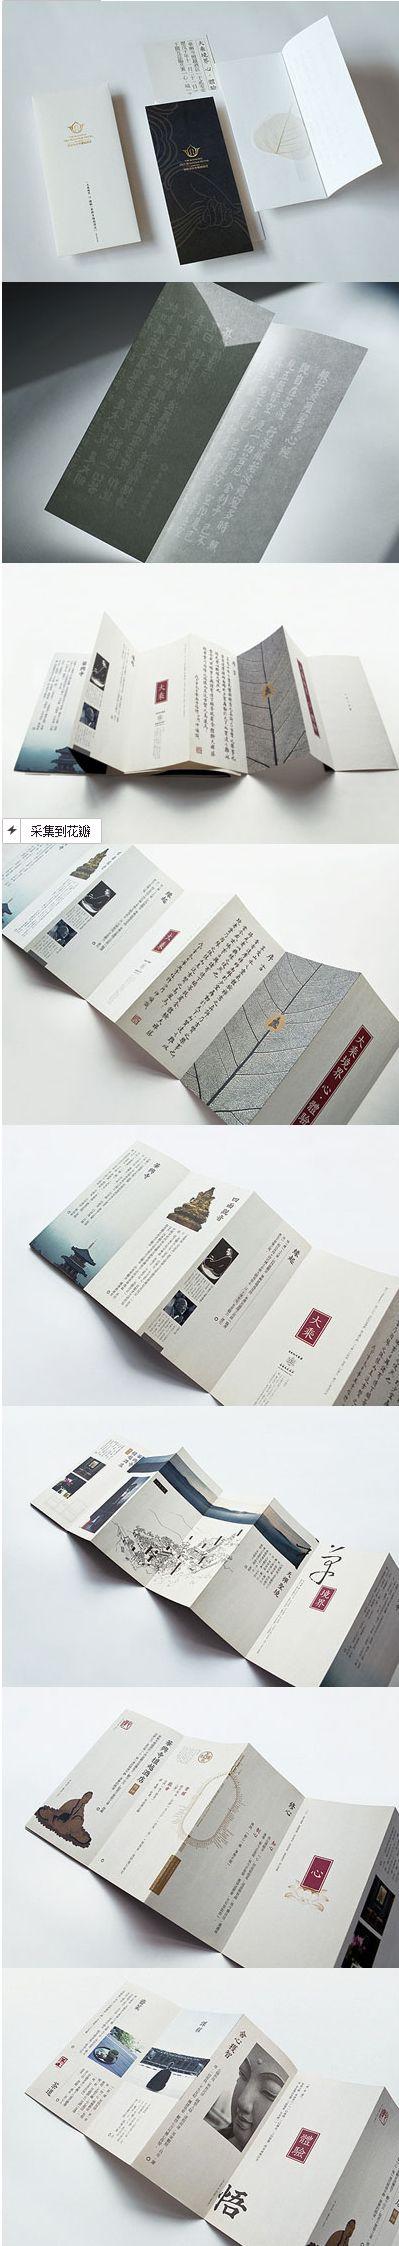 华兴寺檀越酒店商业手册:富有禅味的折页_...